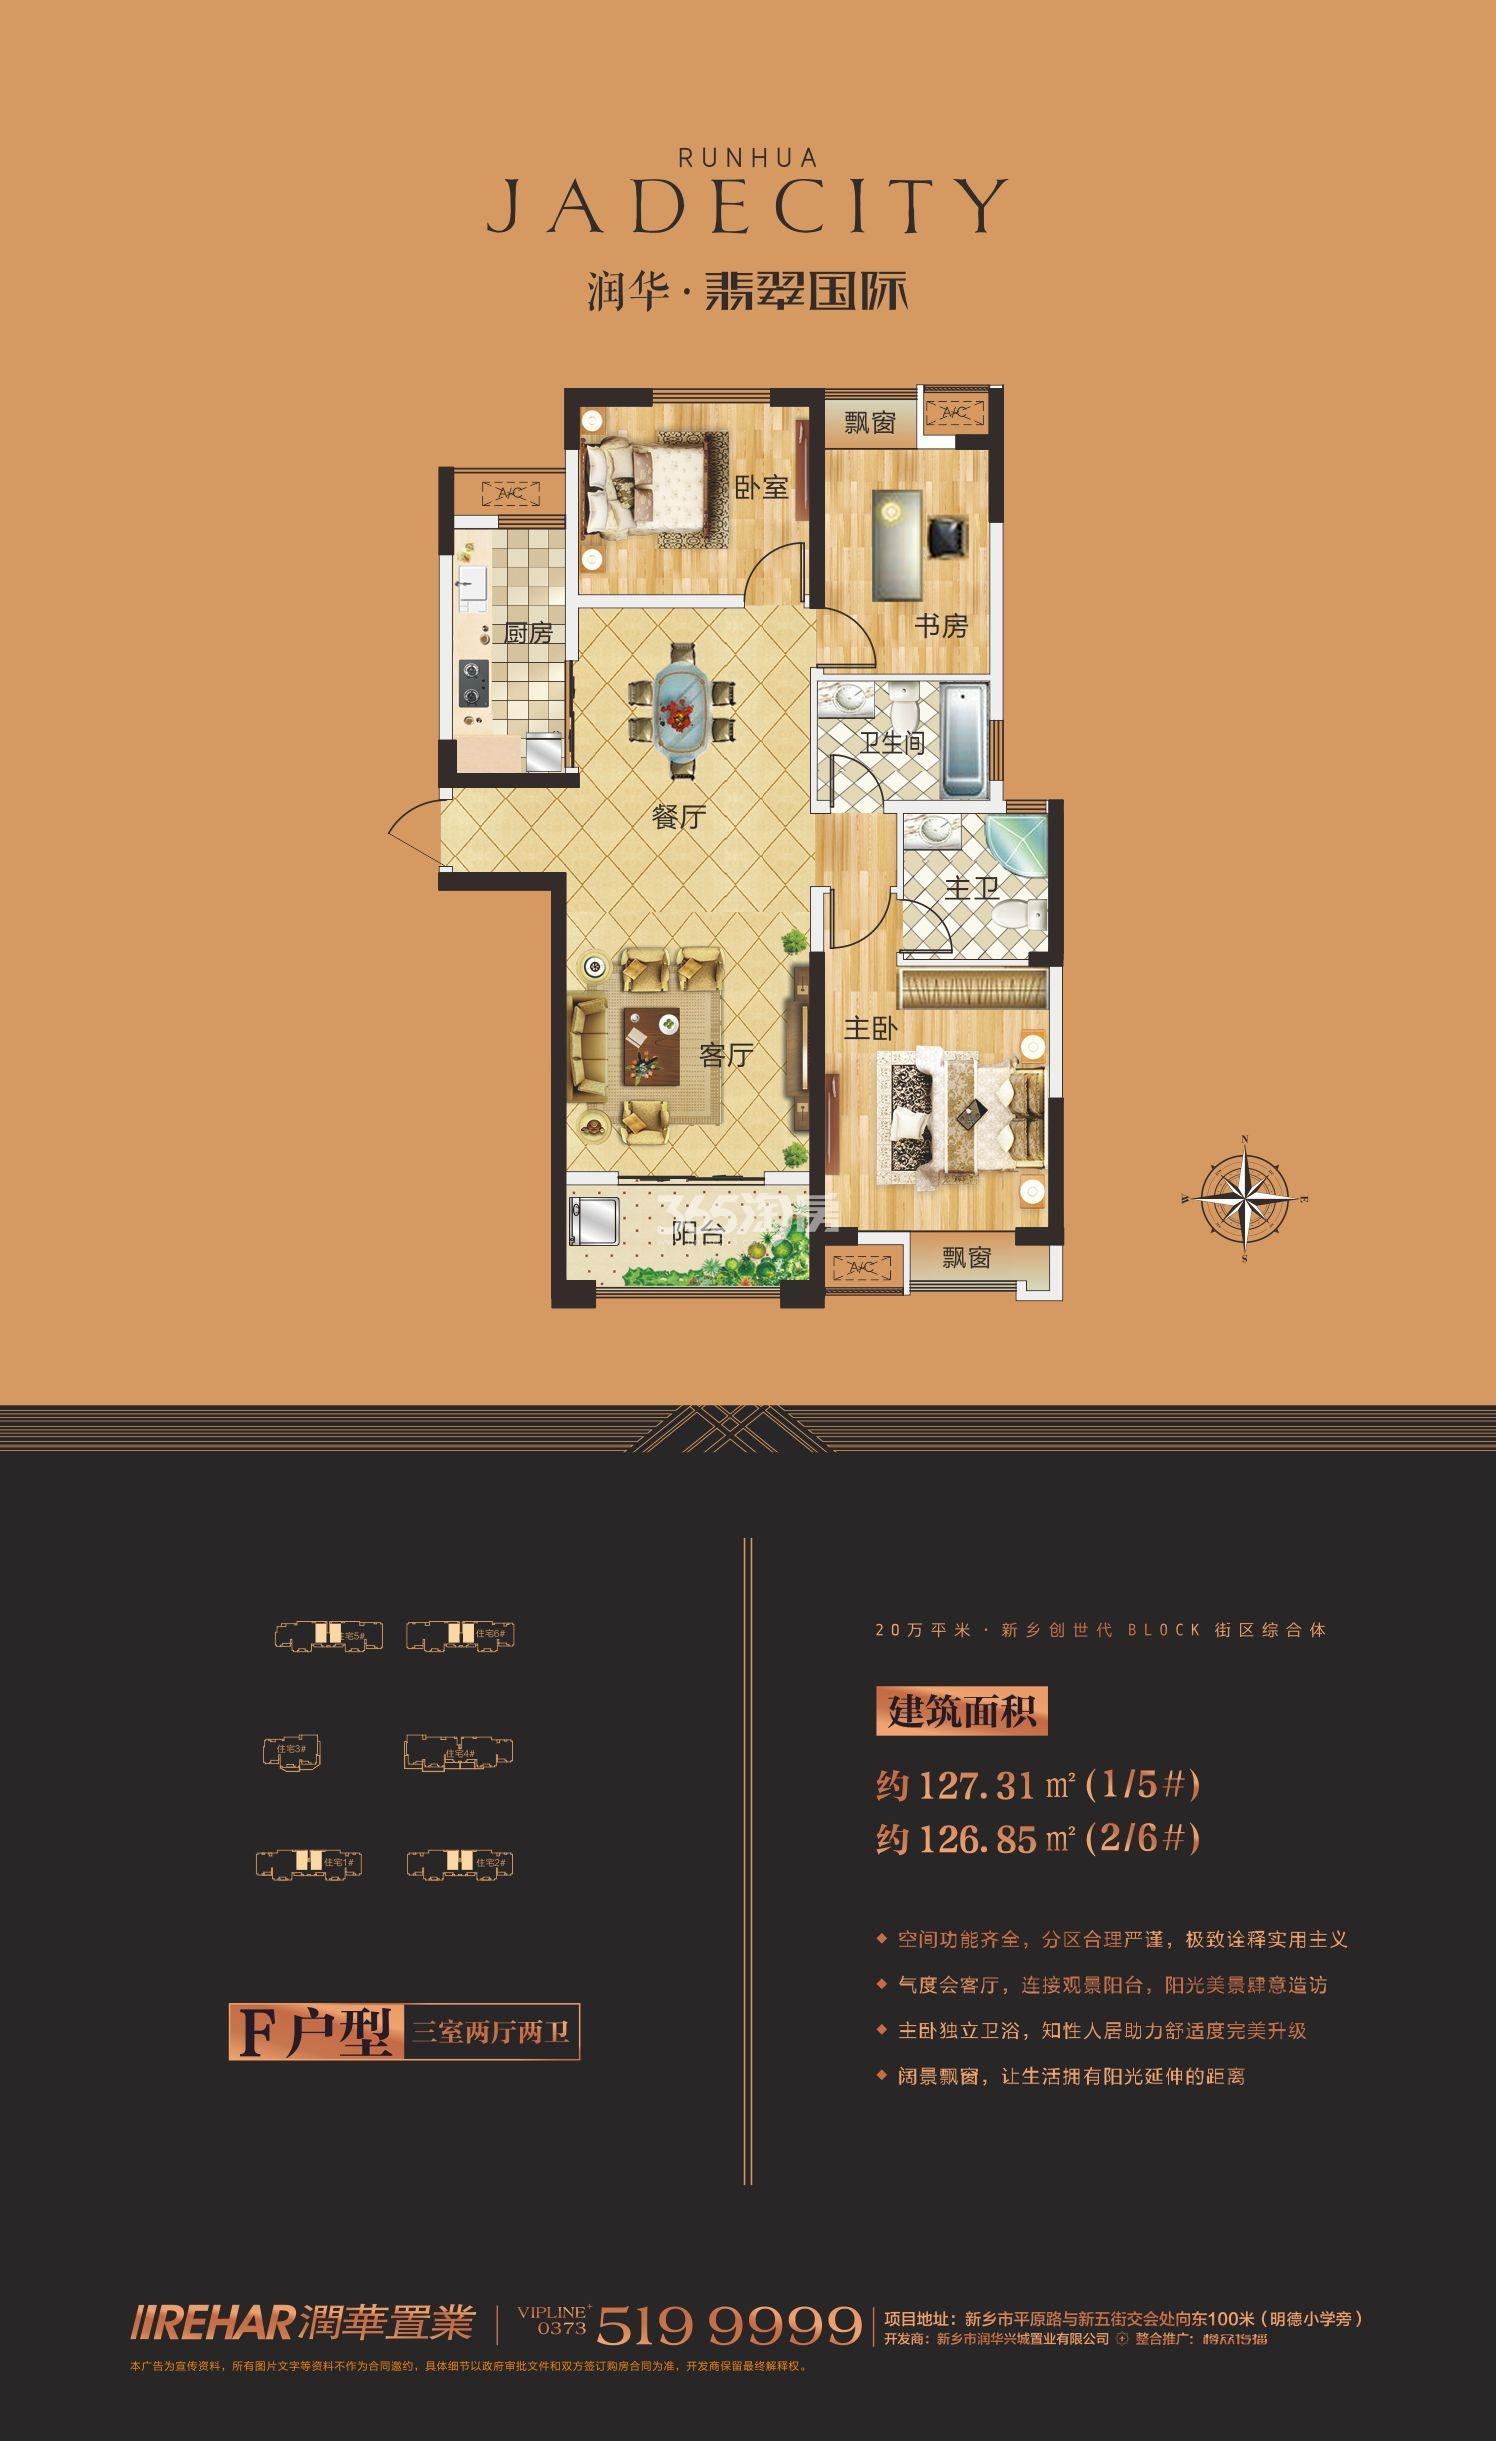 F户型 三室两厅两卫 126.85㎡-127.31㎡